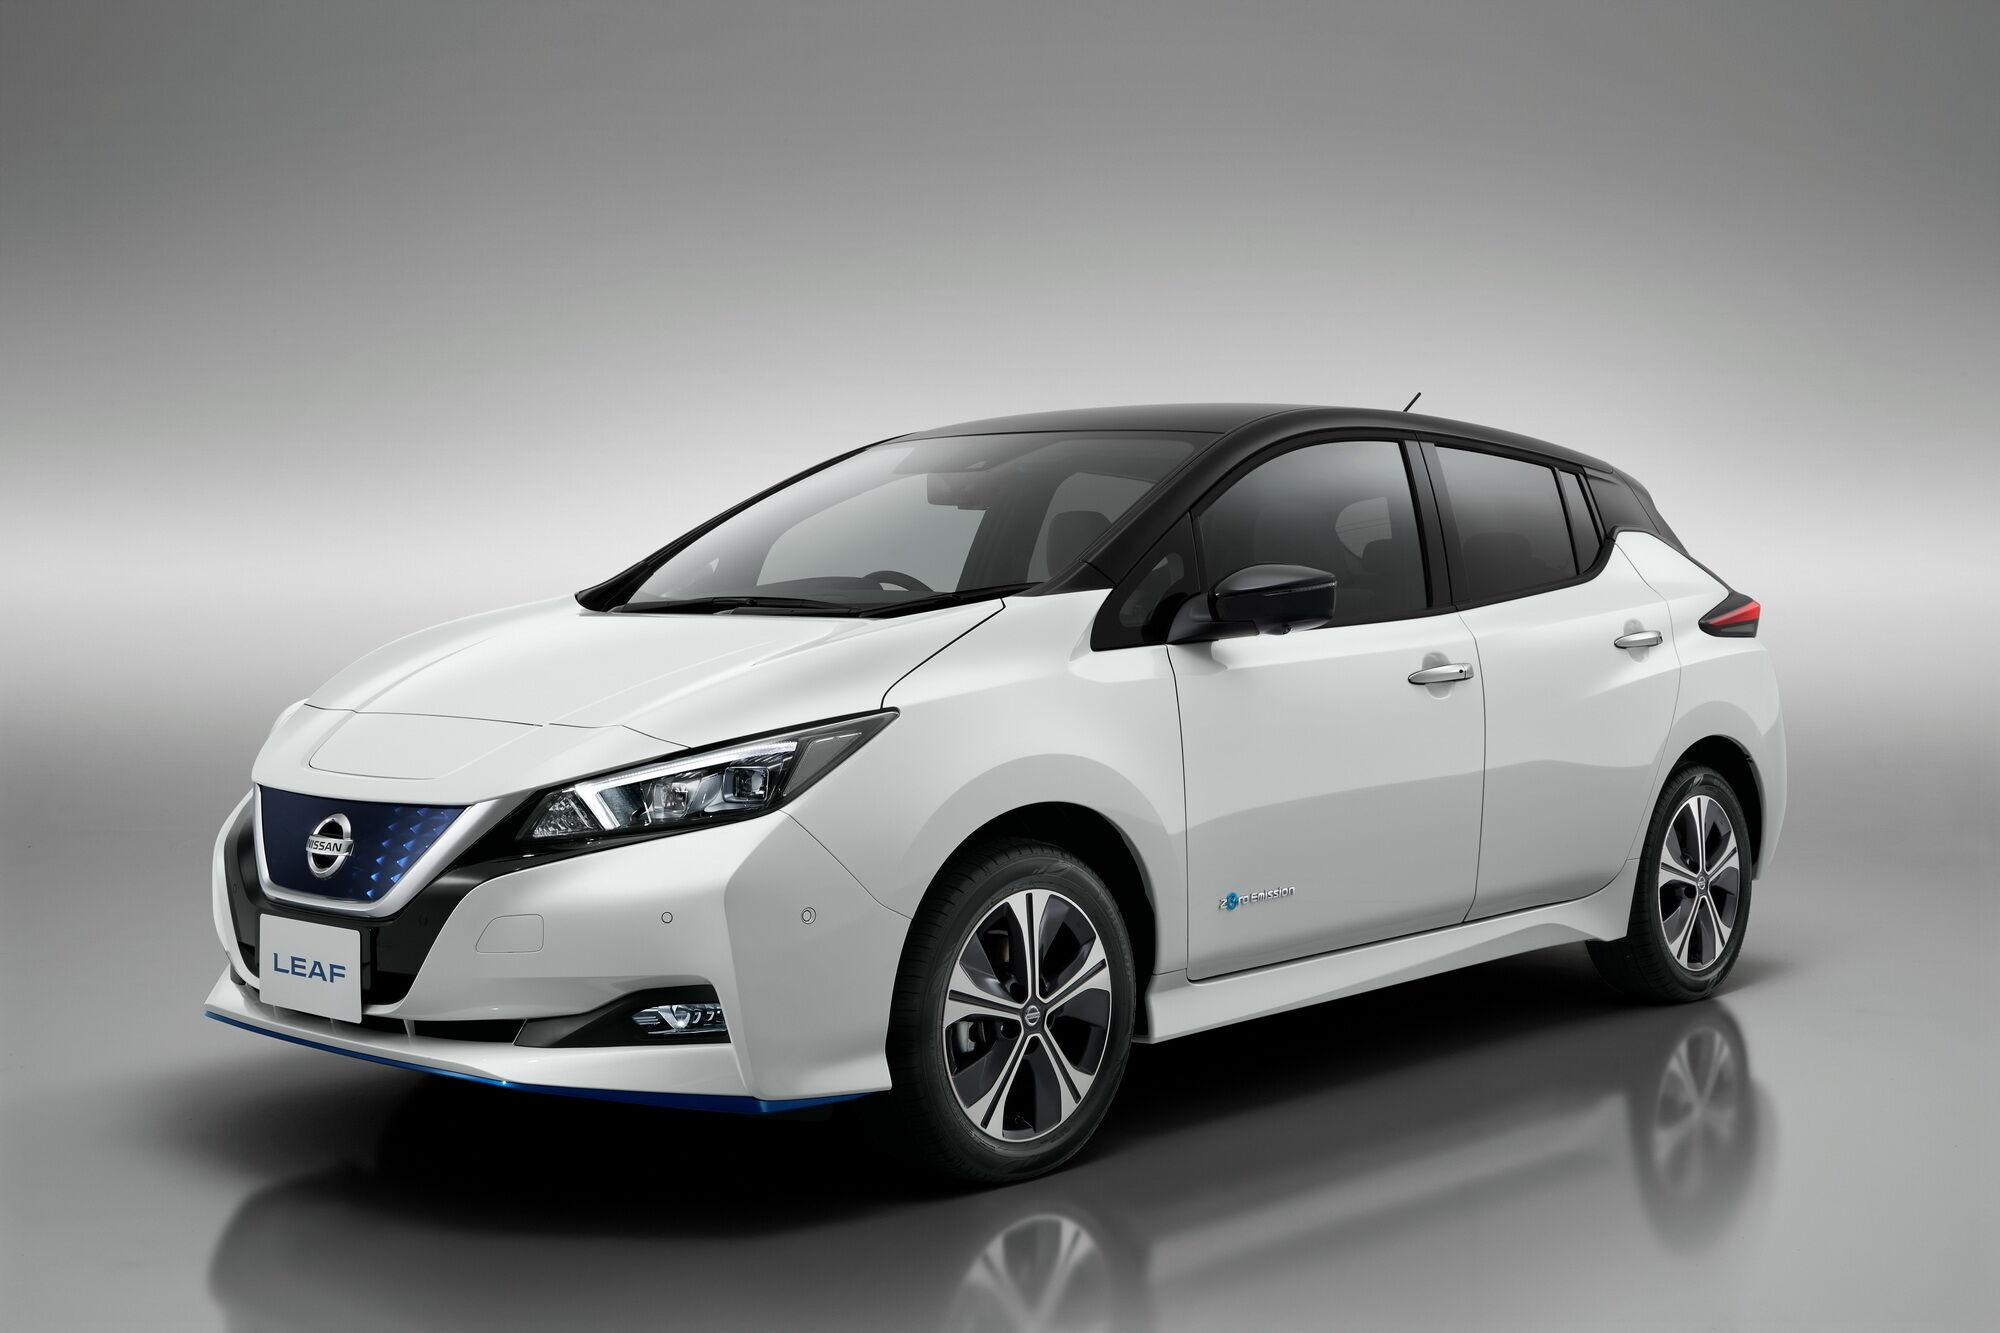 Обновленный Leaf поразит украинских покупателей и сторонников электромобилей